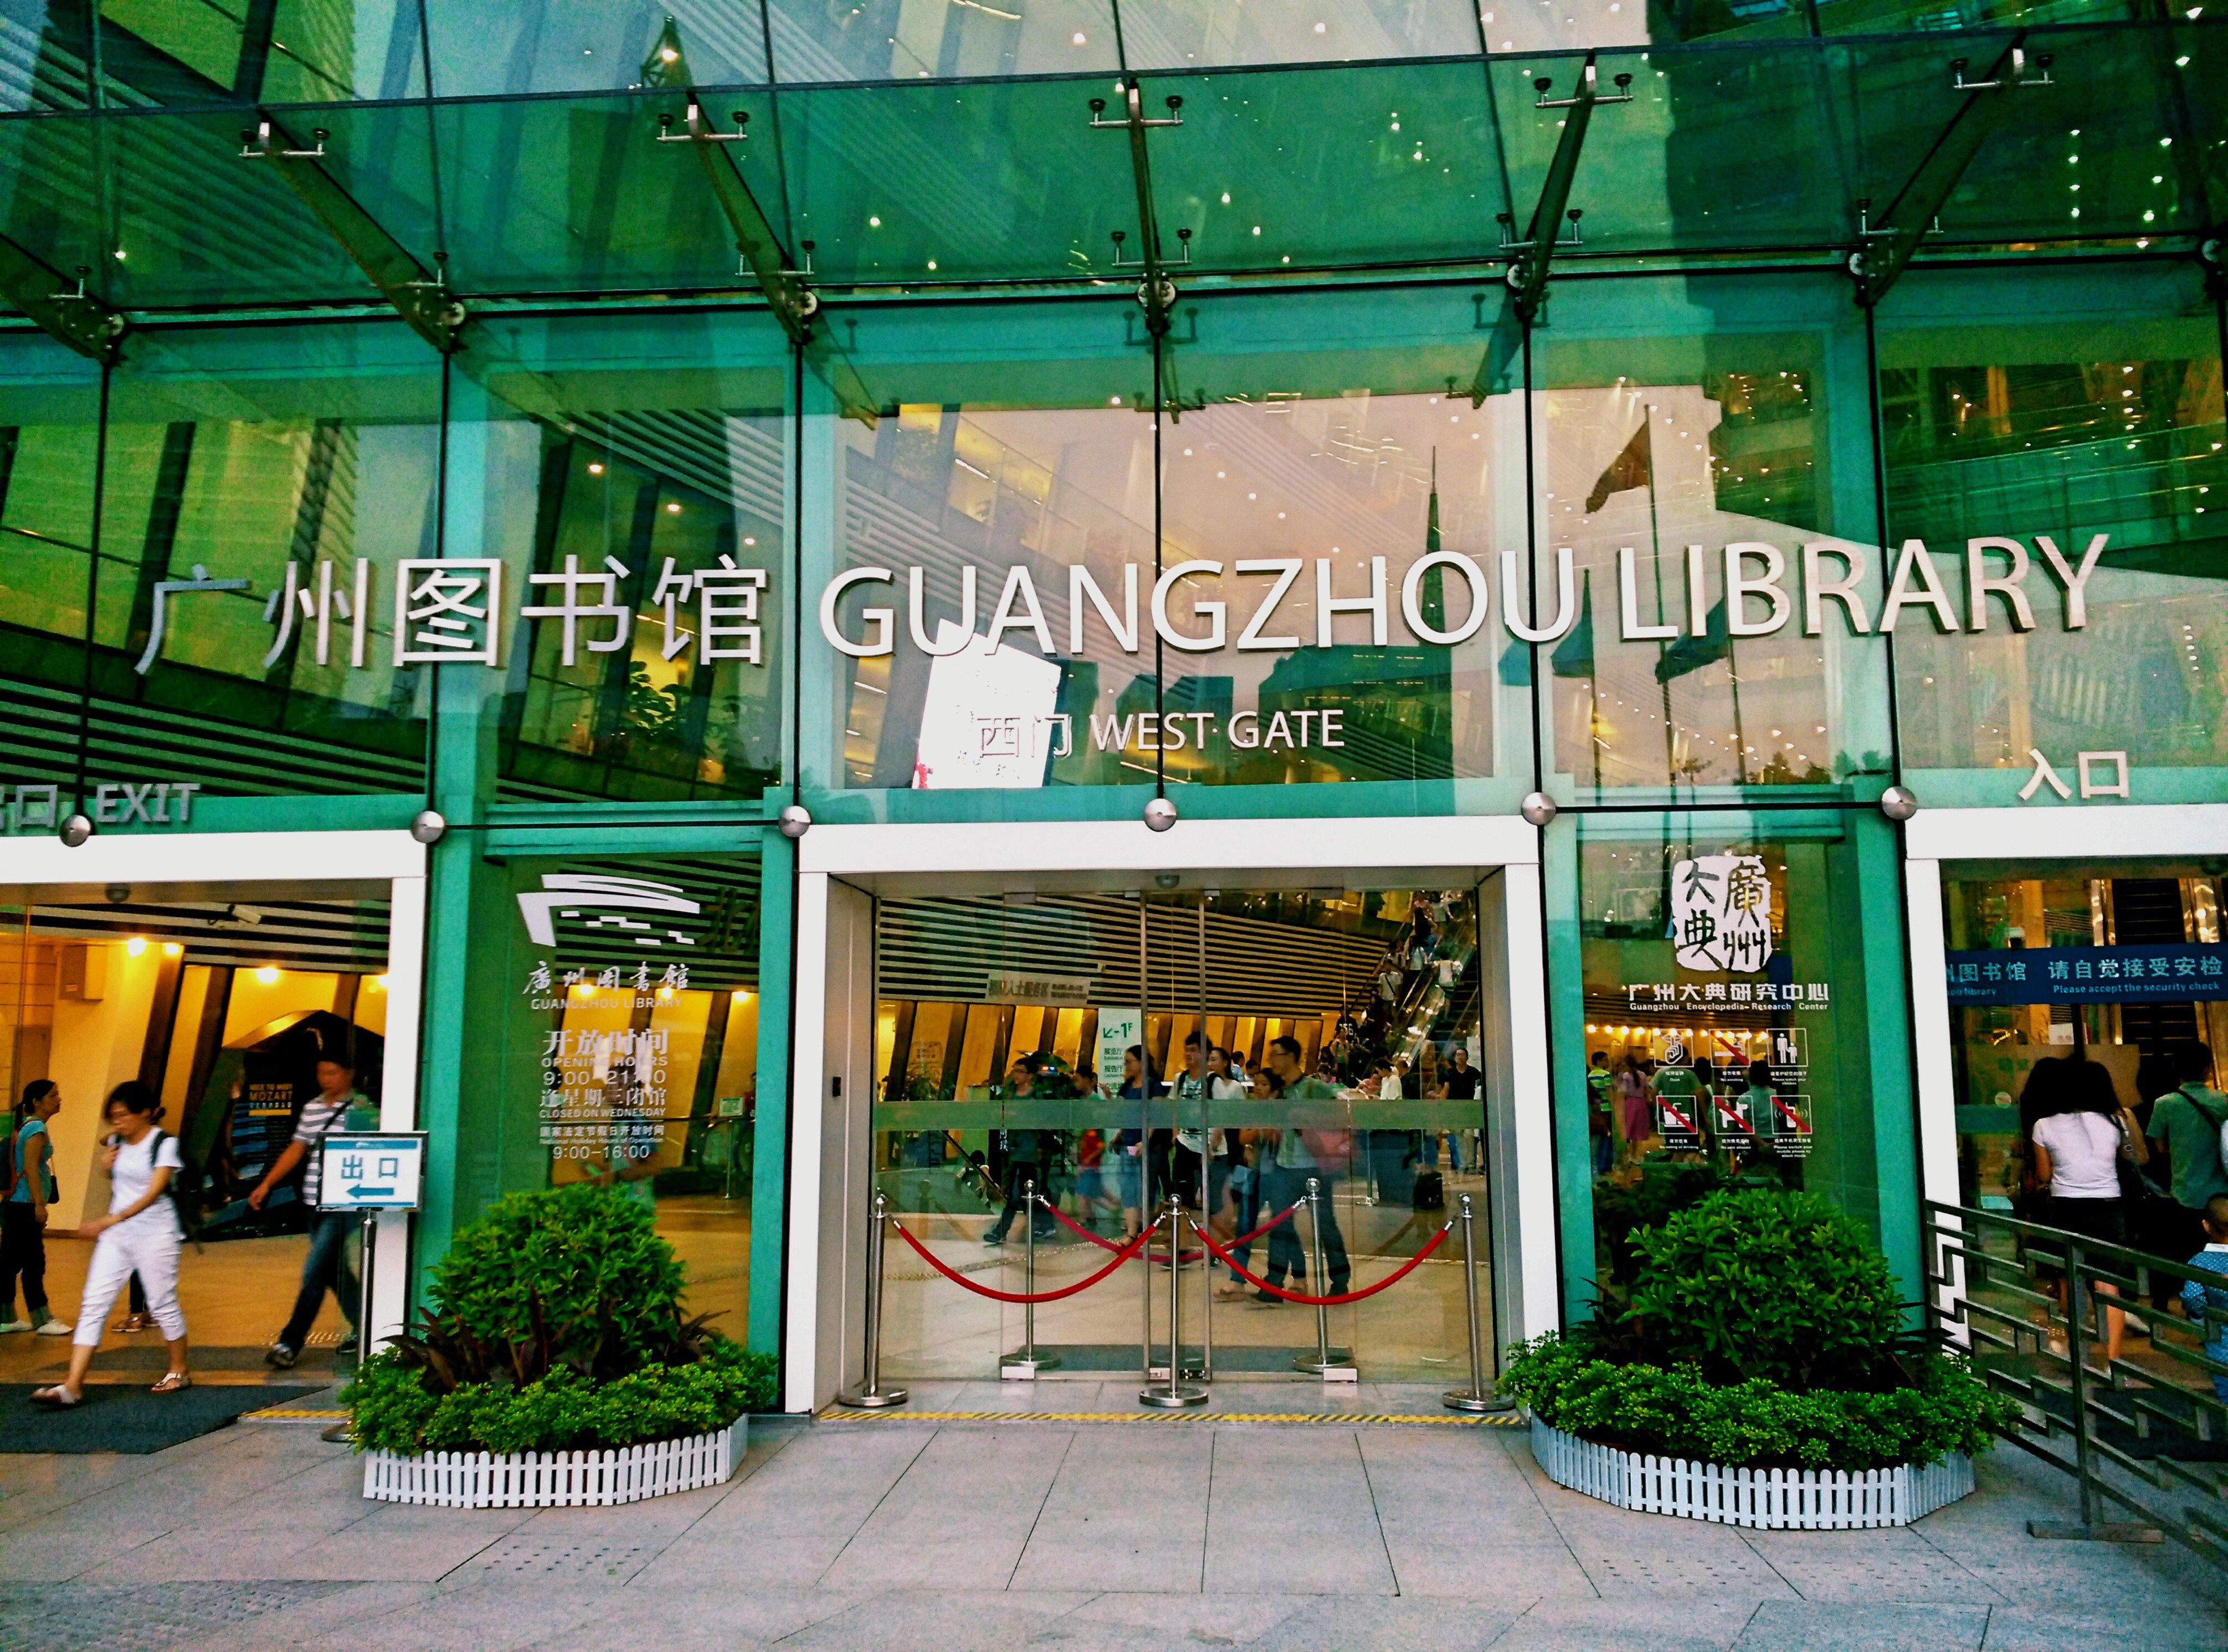 广州图书馆旅游景点攻略图dr攻略逃脱密室2-18图片